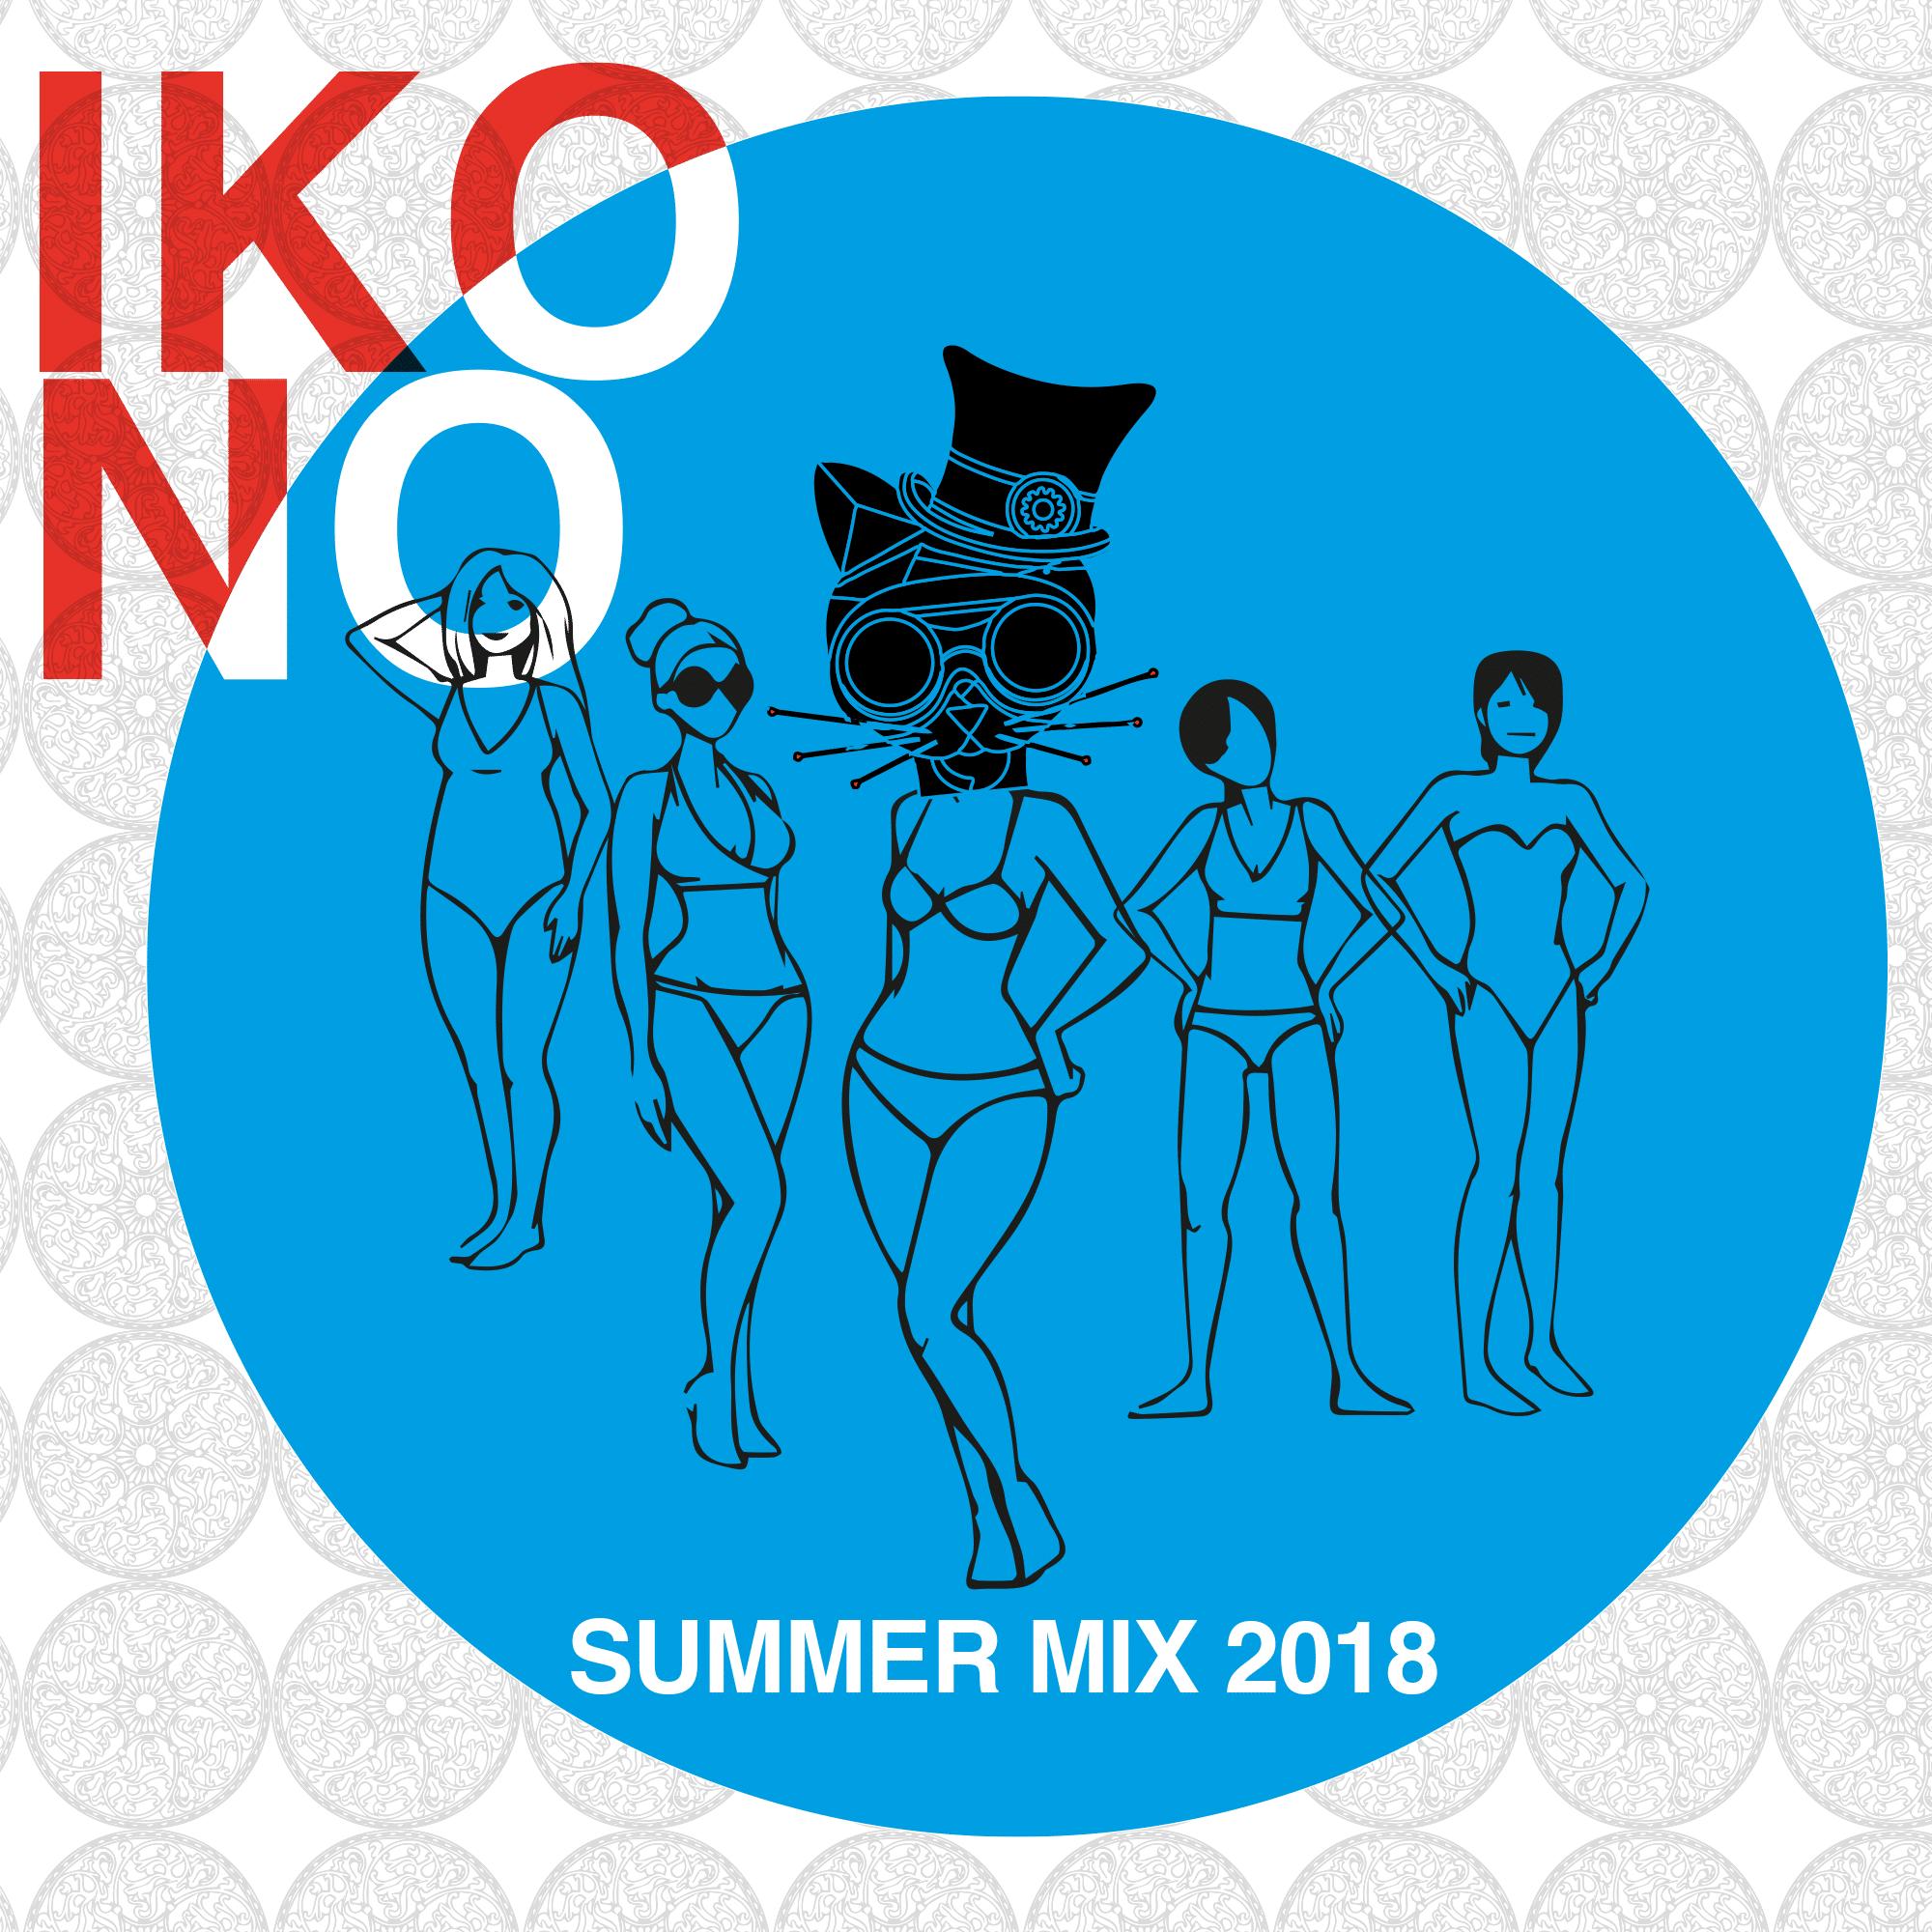 techno mix 2018